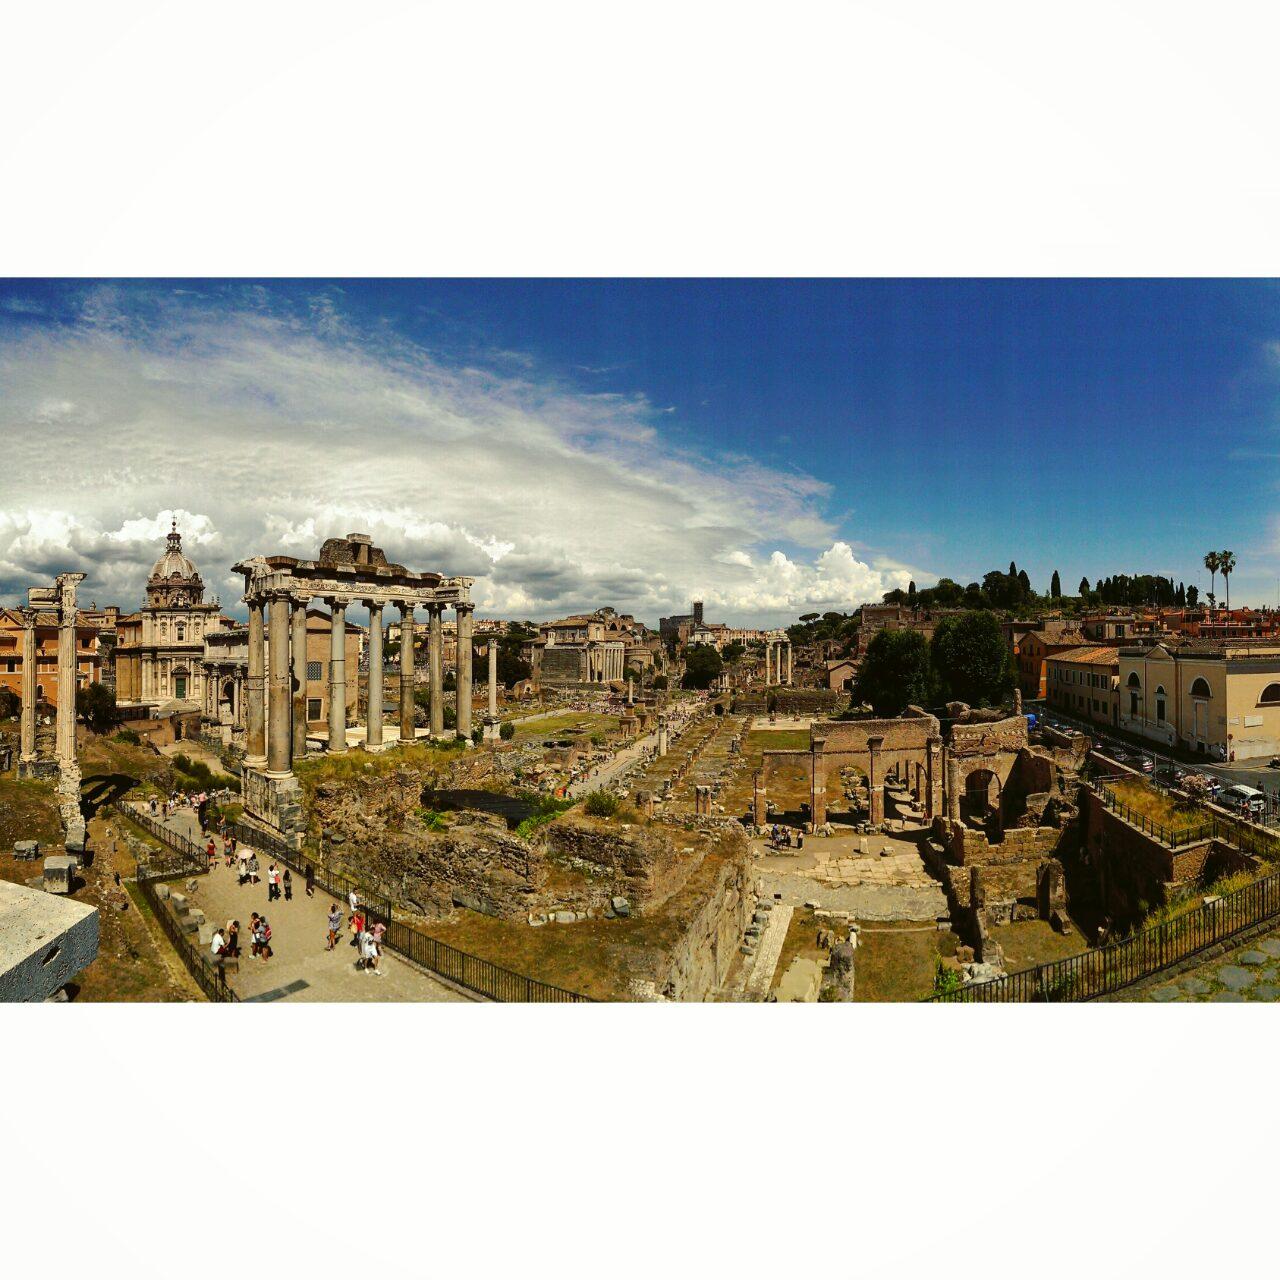 Foro Romano - Rome private tour